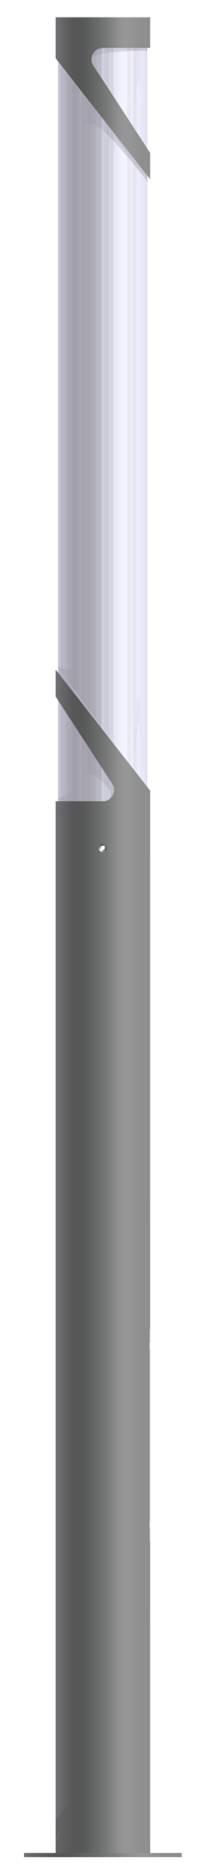 COLONNE SAL DECO 3 MH 150w